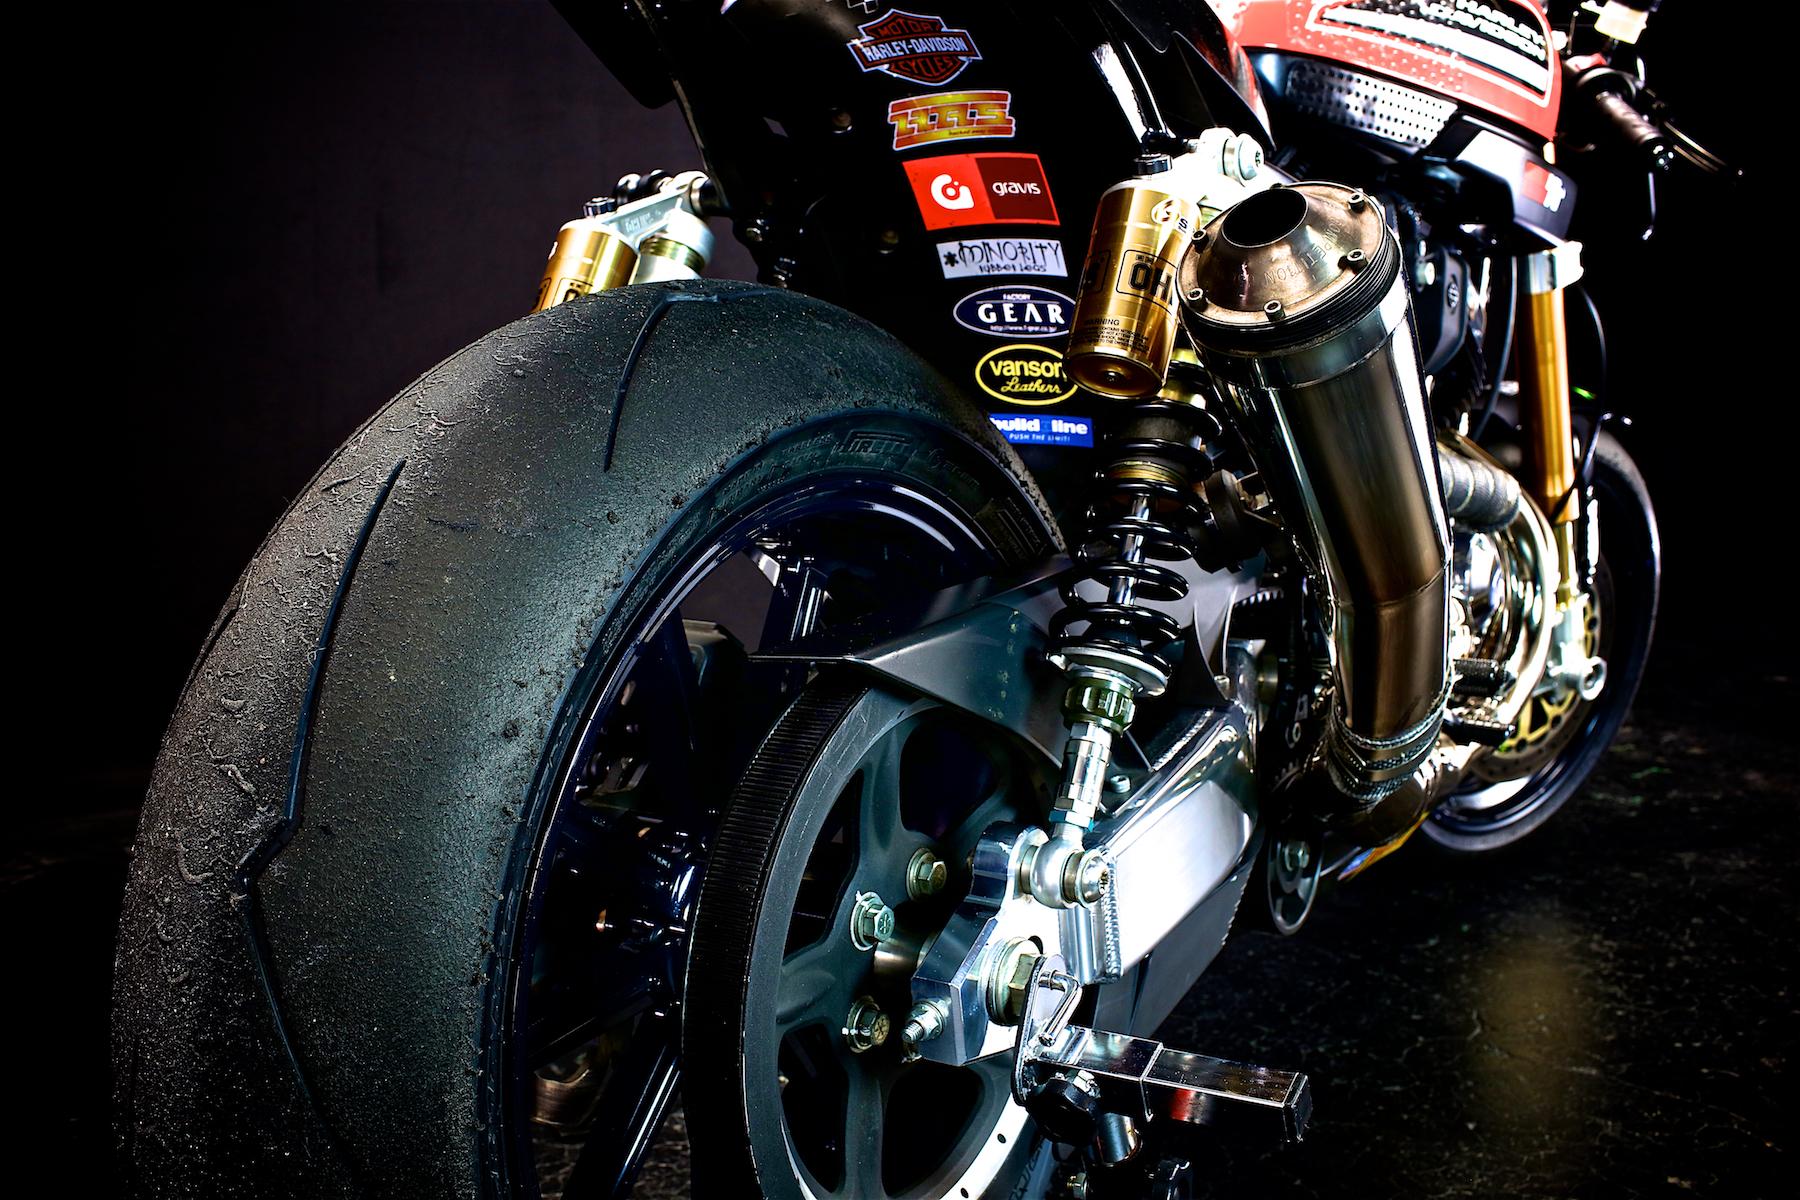 目前にレース仕様&本気モードのXR1200... テンション上がる!!:SPORTSTER XR 1200 2